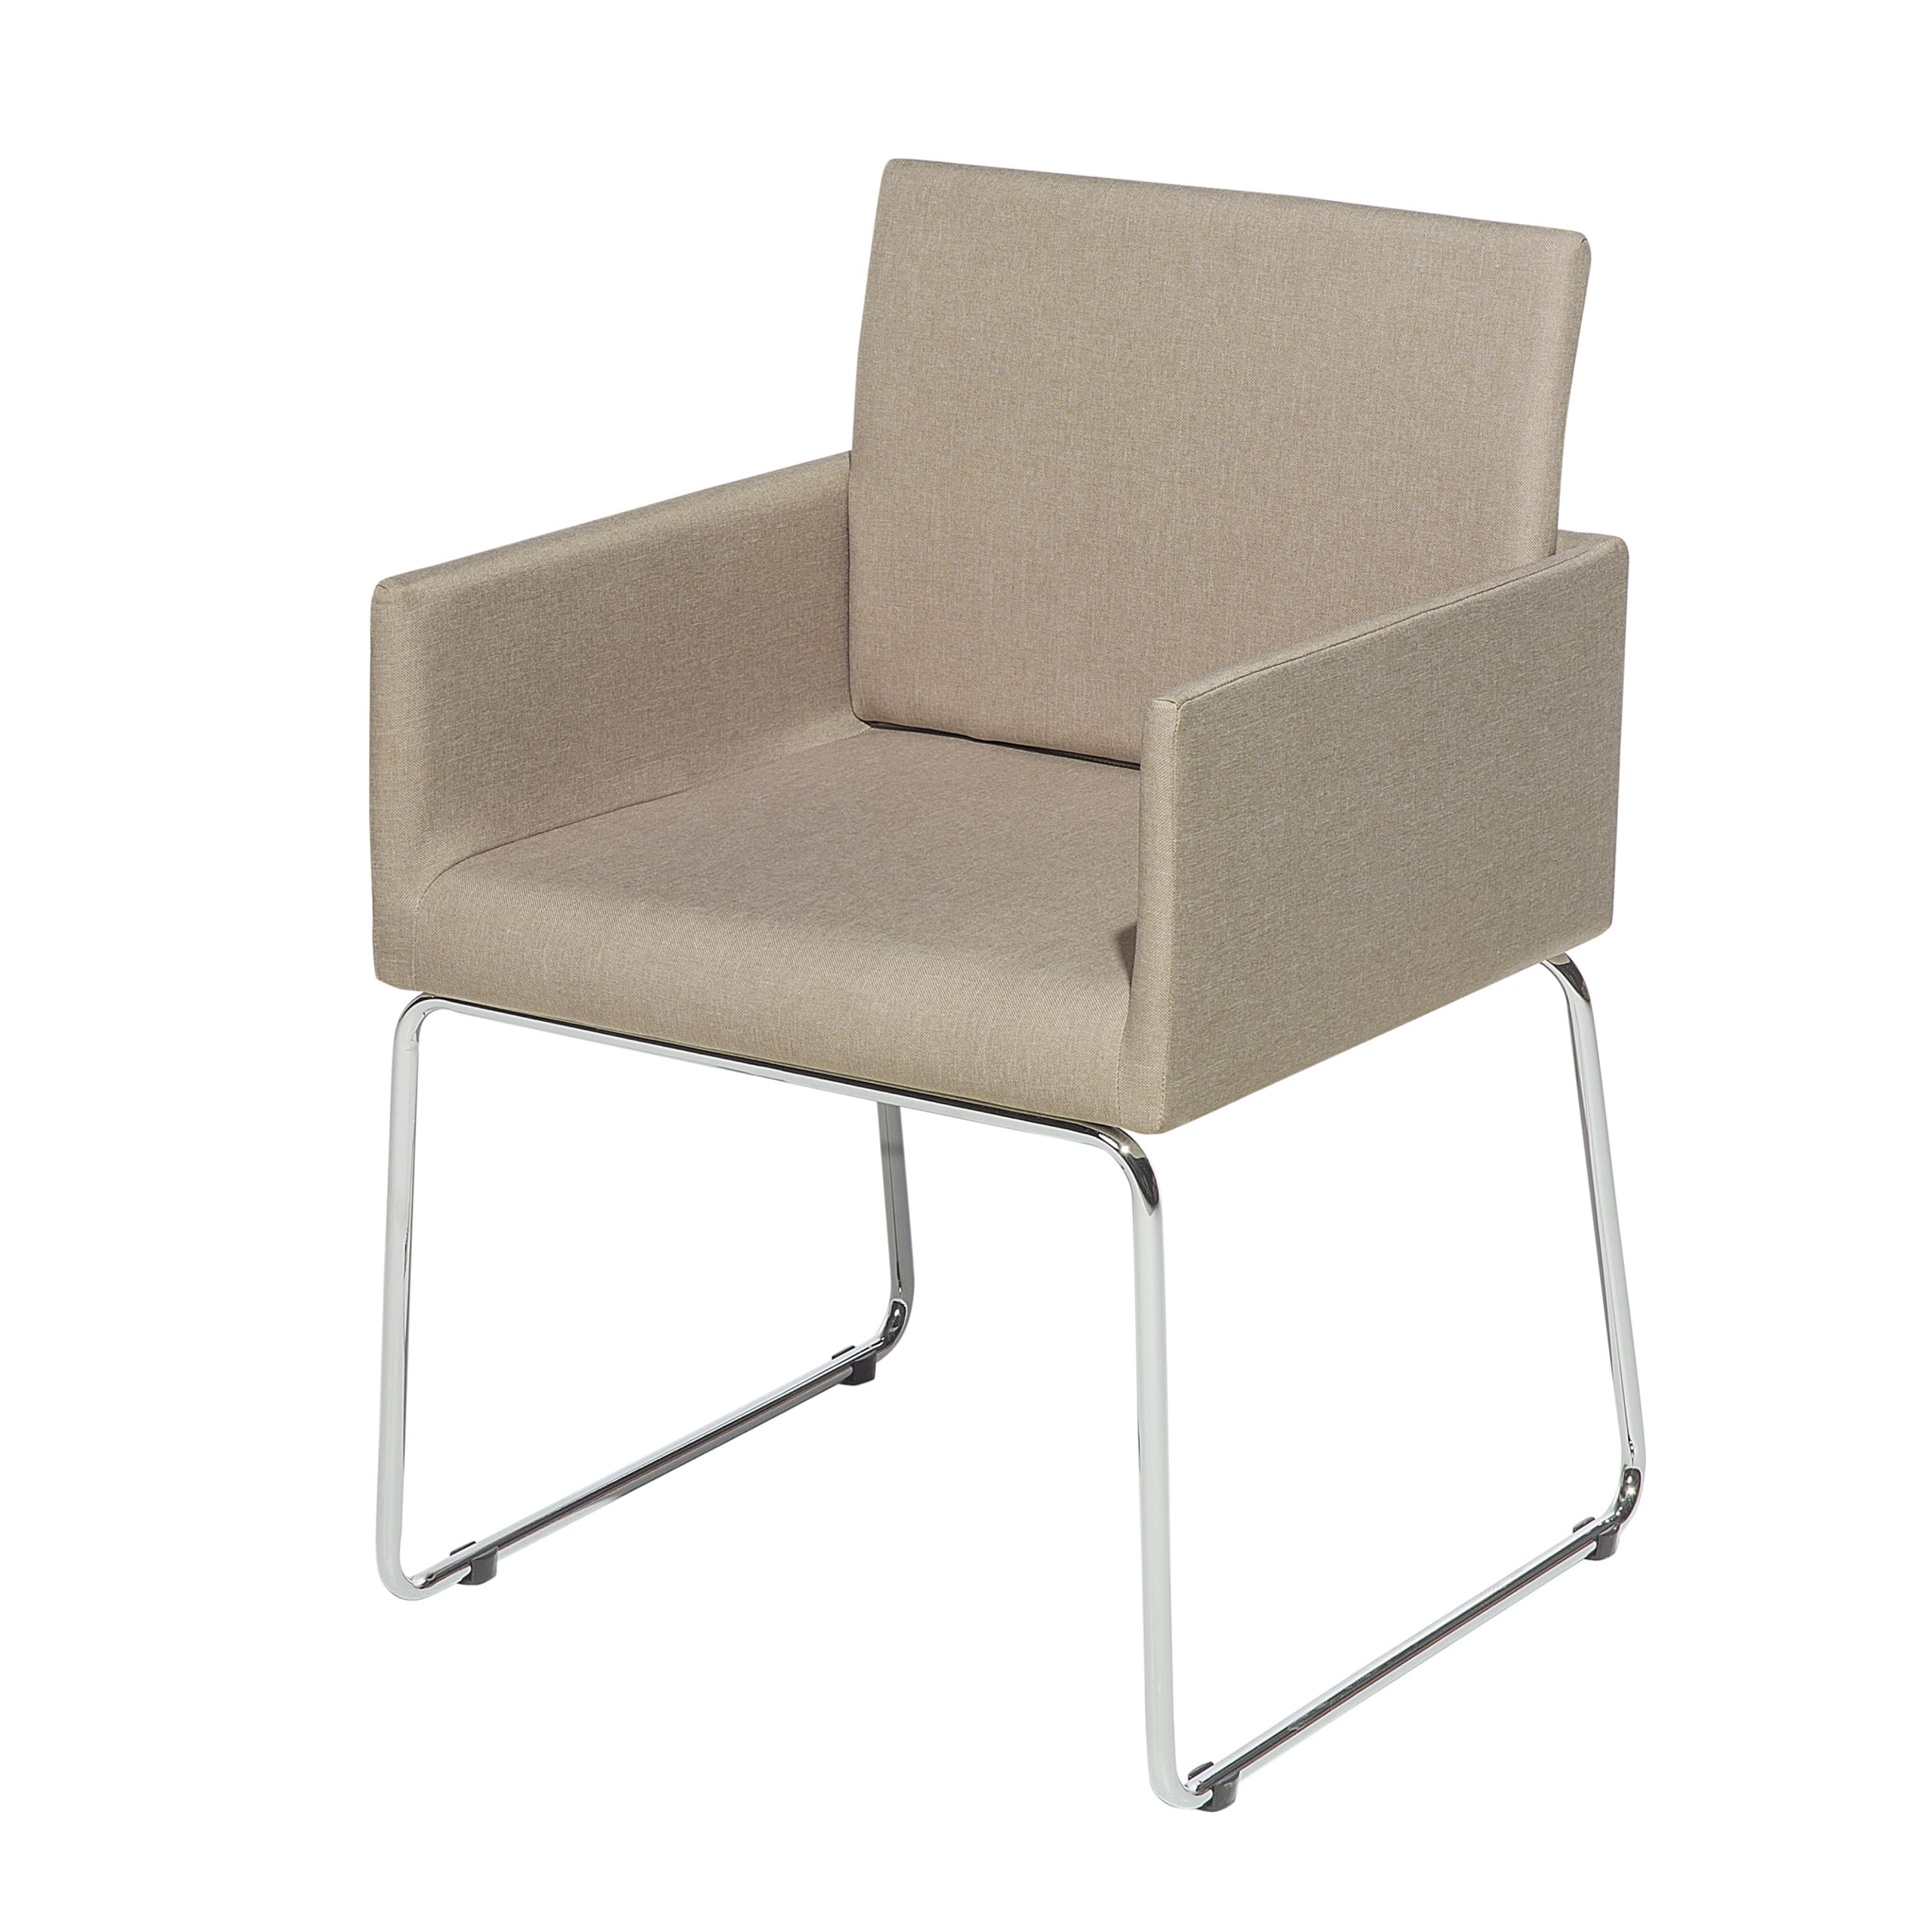 Deux chaises de salle à manger en tissu beige